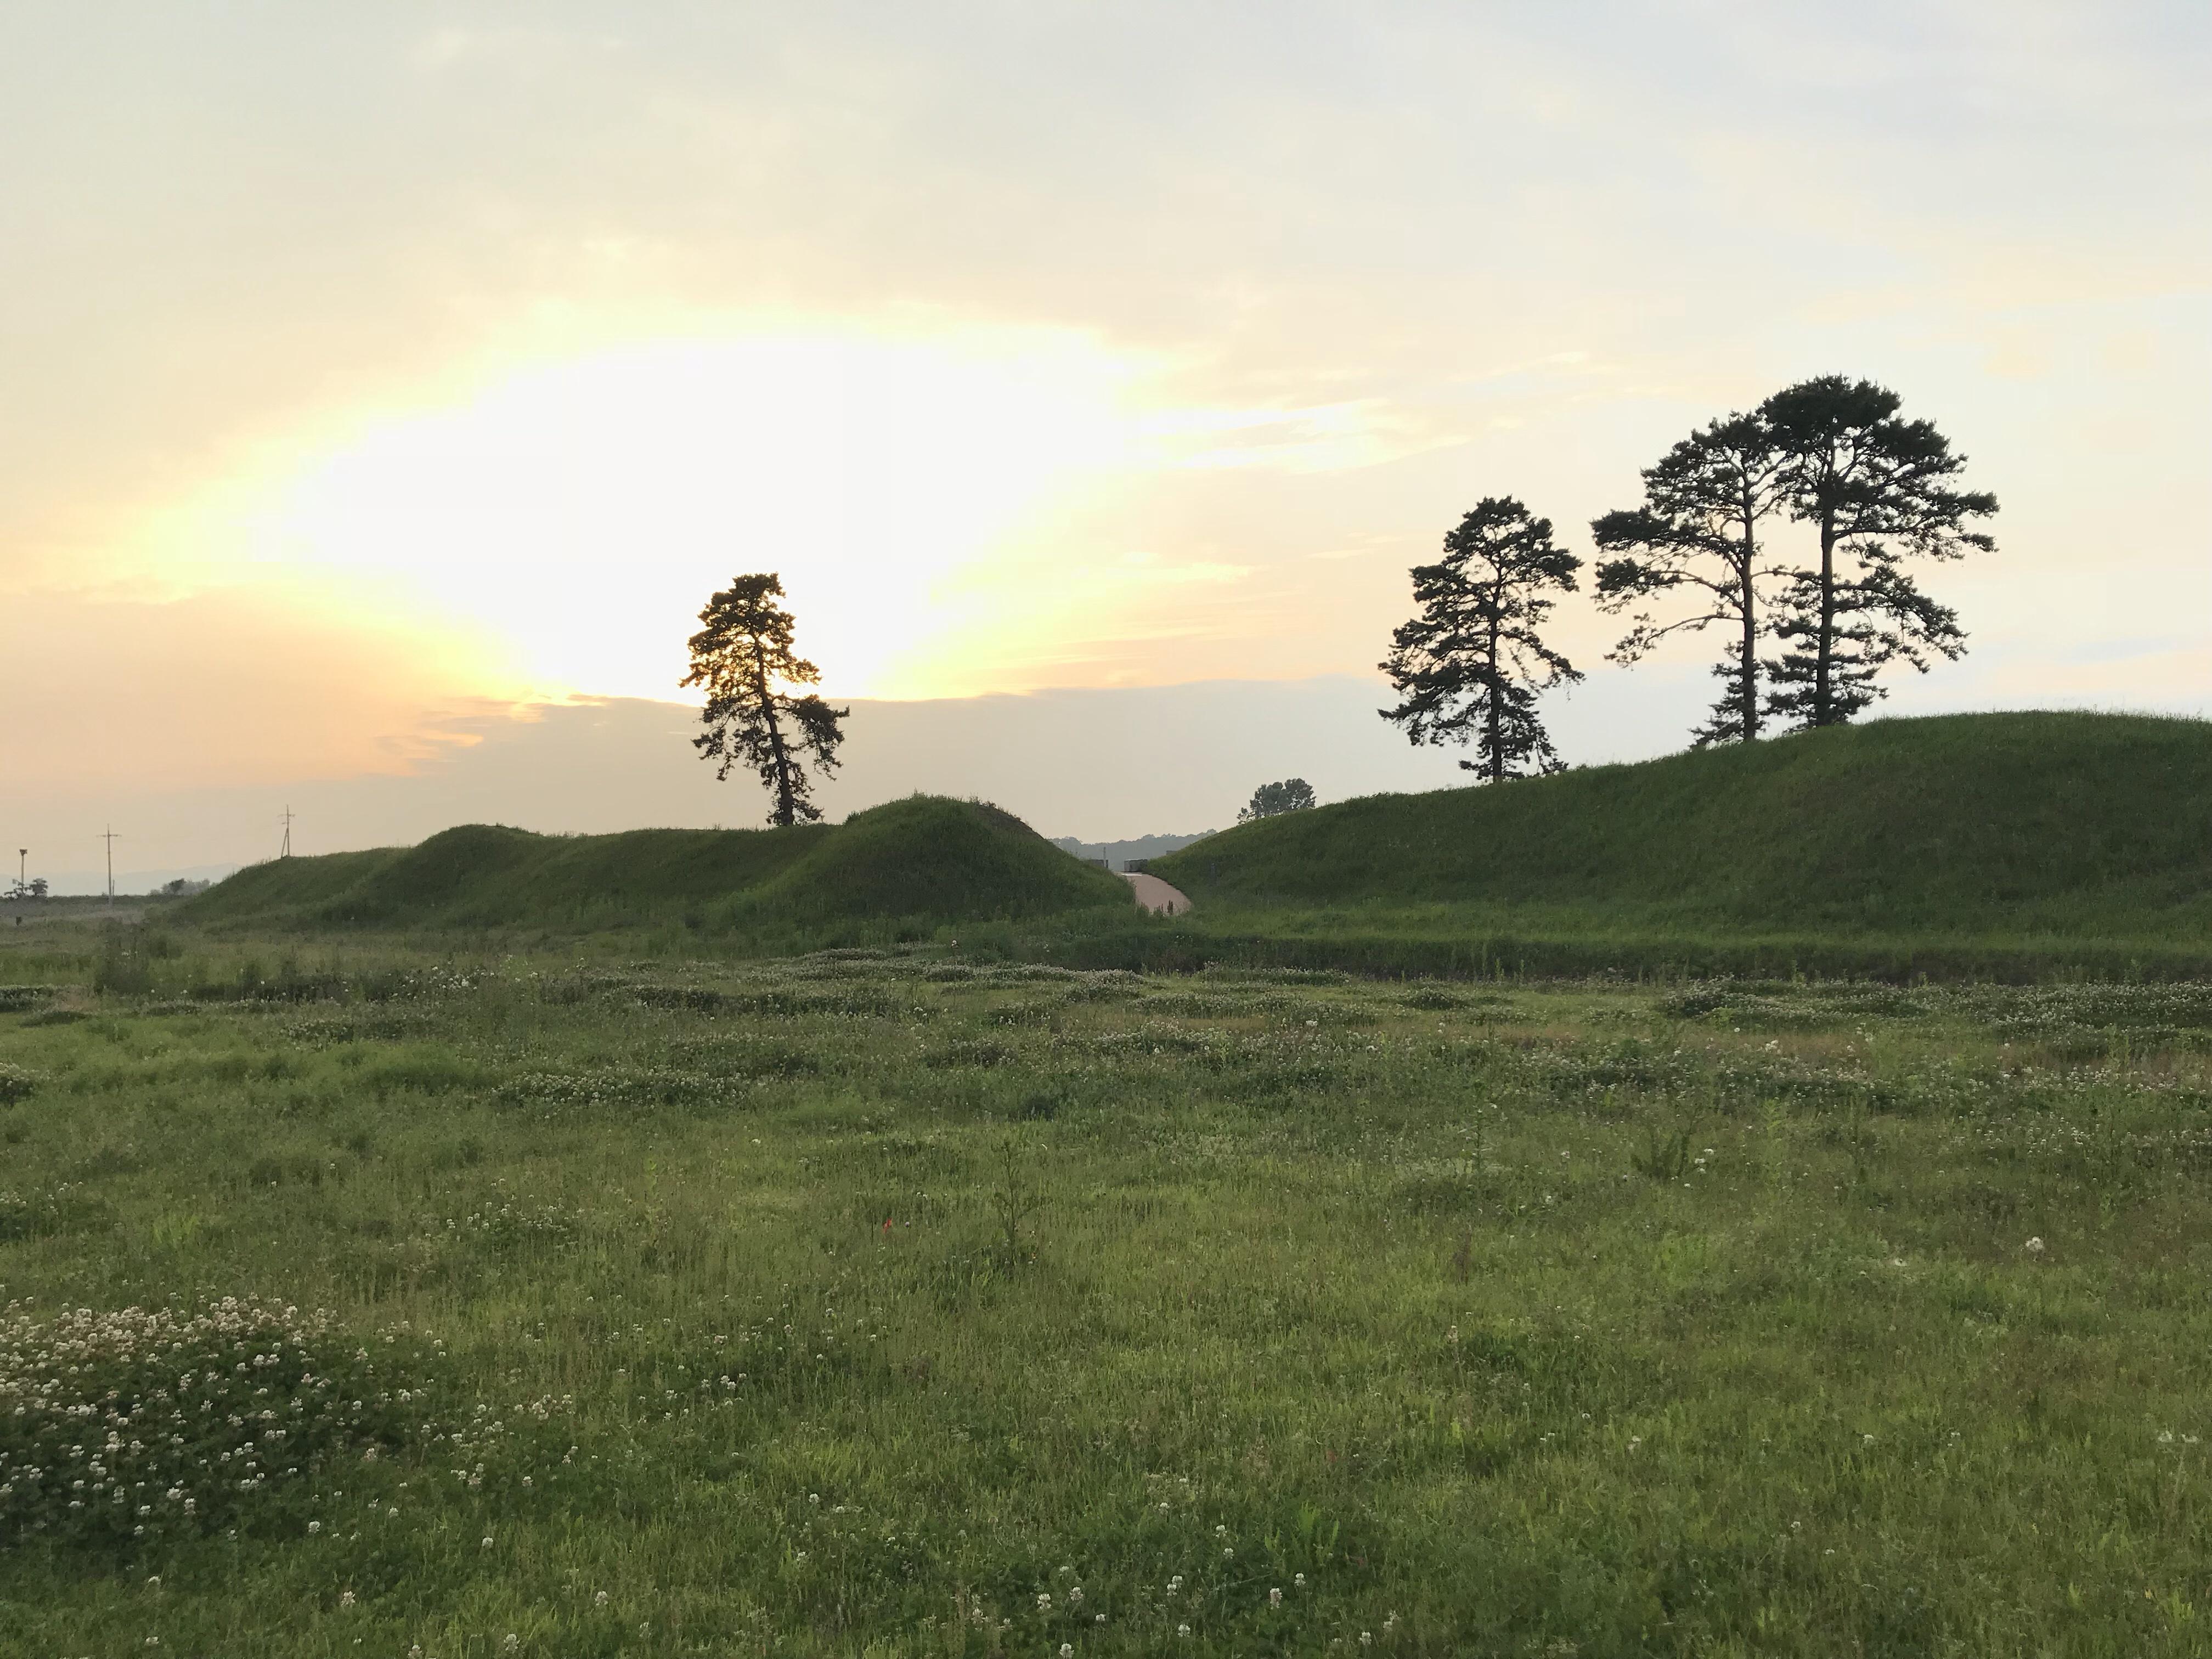 朝鮮時代の方形居館!?「井北洞土城」